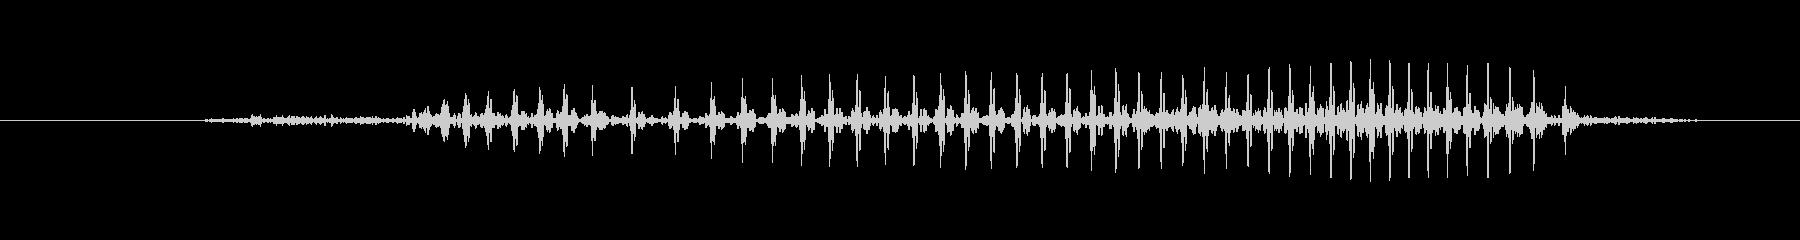 鳴き声 男性不平悲しい04の未再生の波形